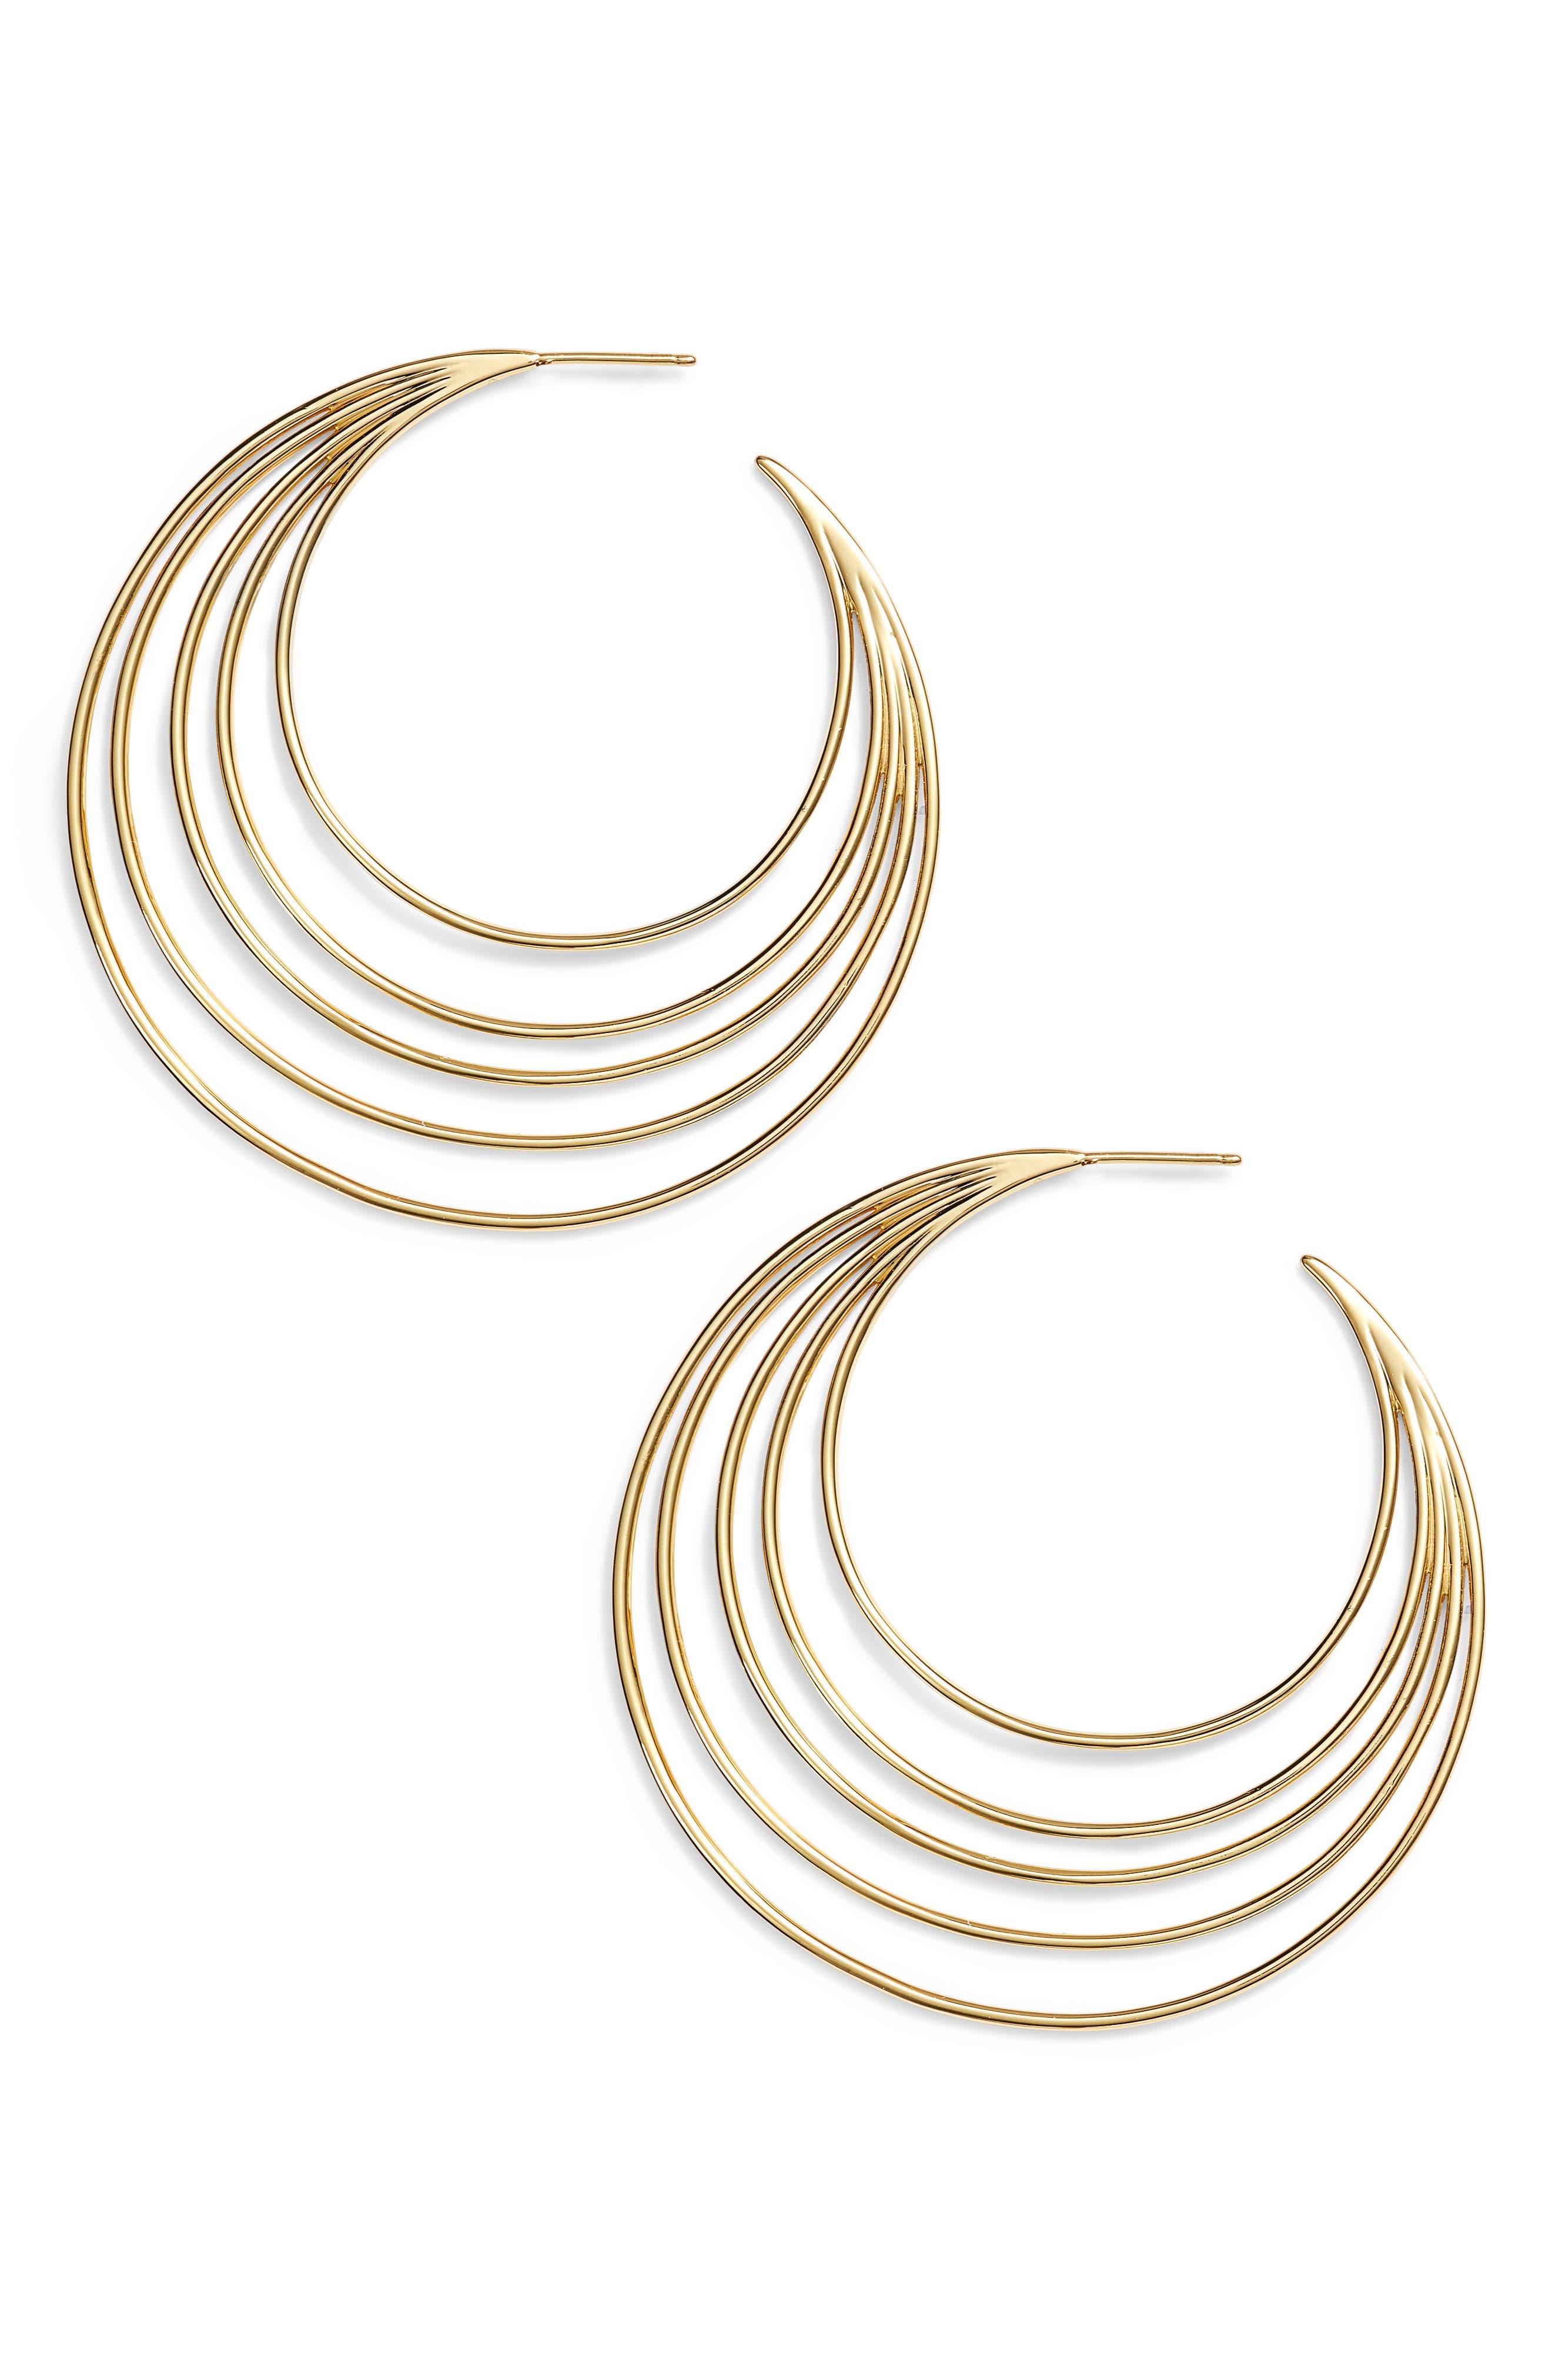 Casey Profile Hoop Earrings,                             Main thumbnail 1, color,                             710